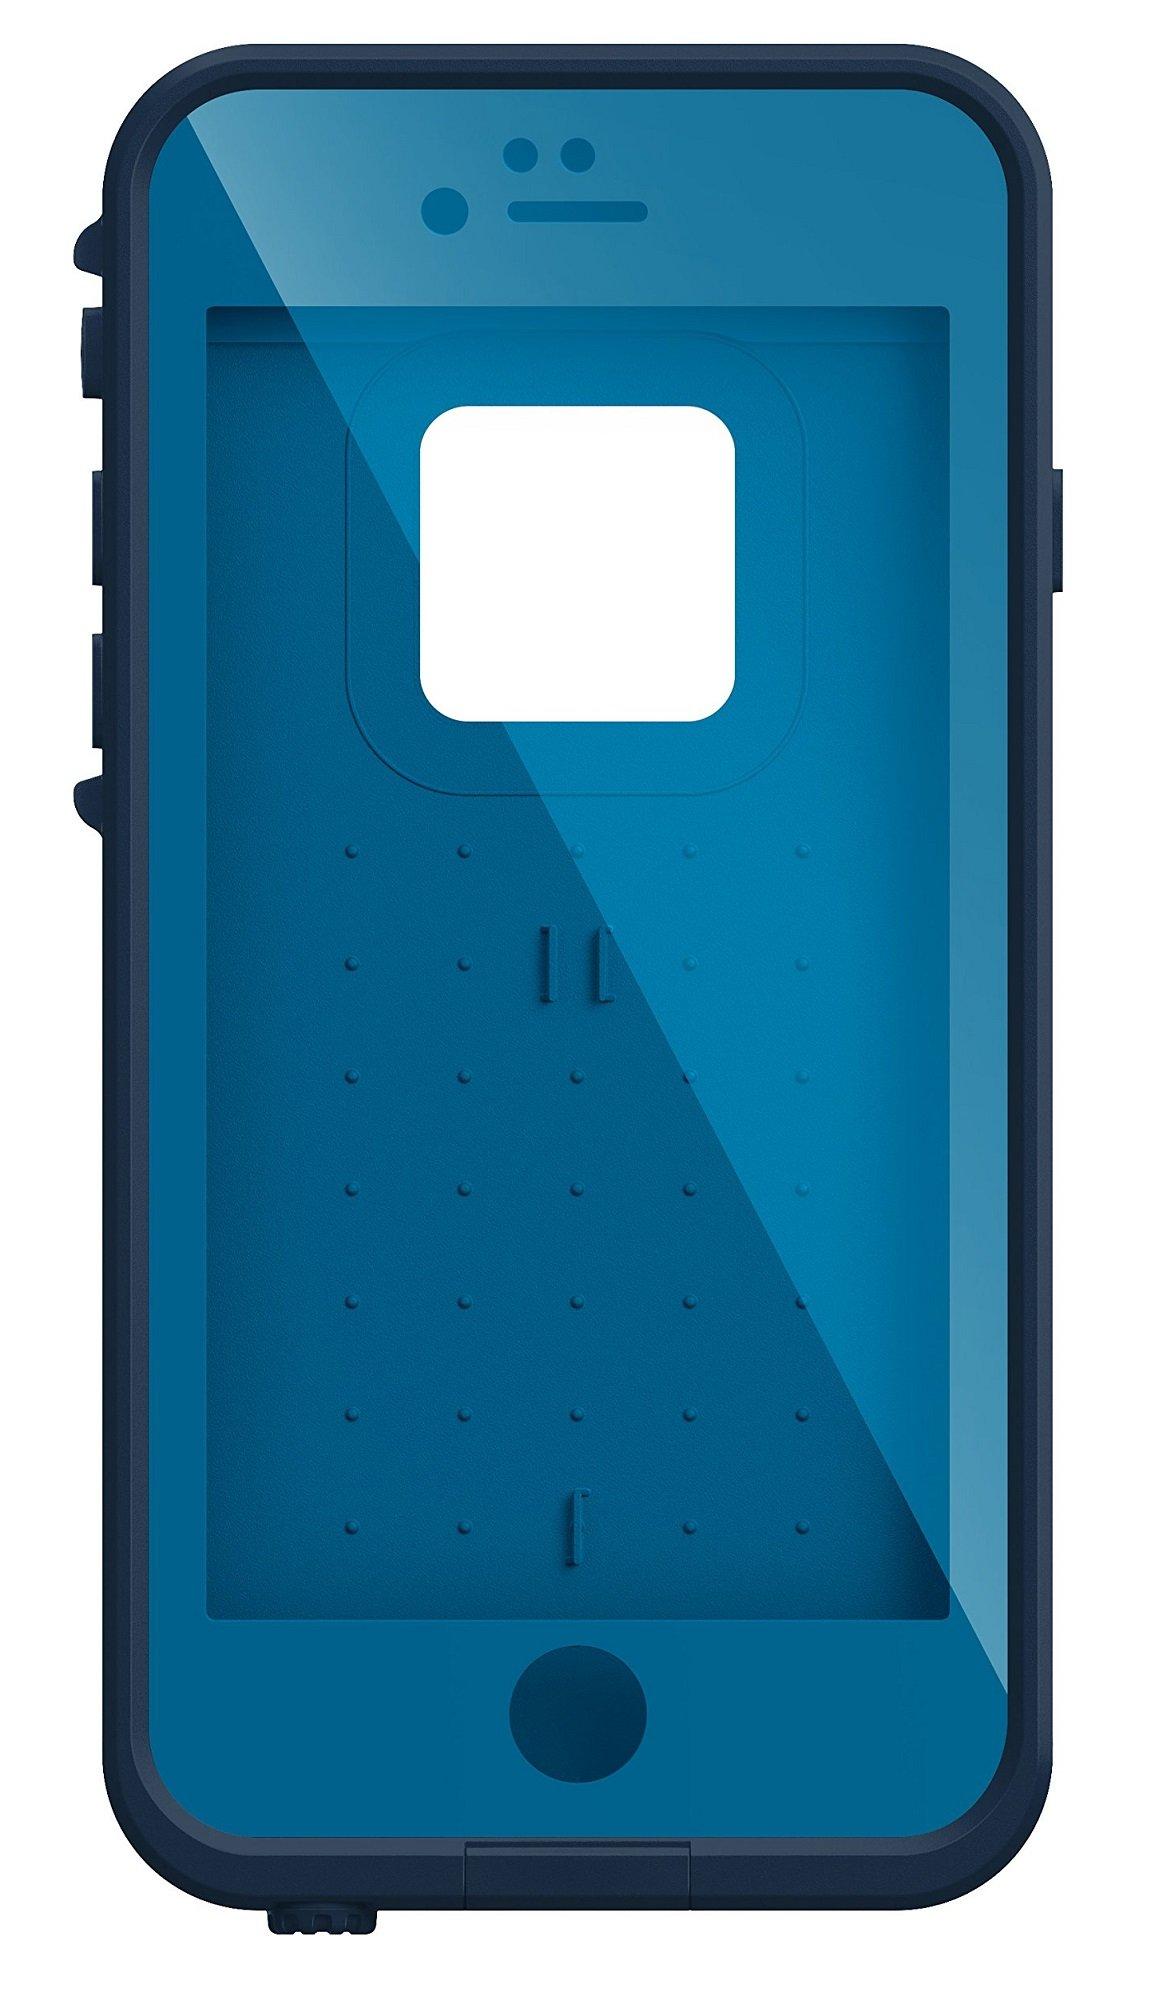 Lifeproof FRĒ SERIES iPhone 6/6s Waterproof Case (4.7'' Version) - Retail Packaging - BANZAI (COWABUNGA/WAVE CRASH/LONGBOARD) by LifeProof (Image #2)